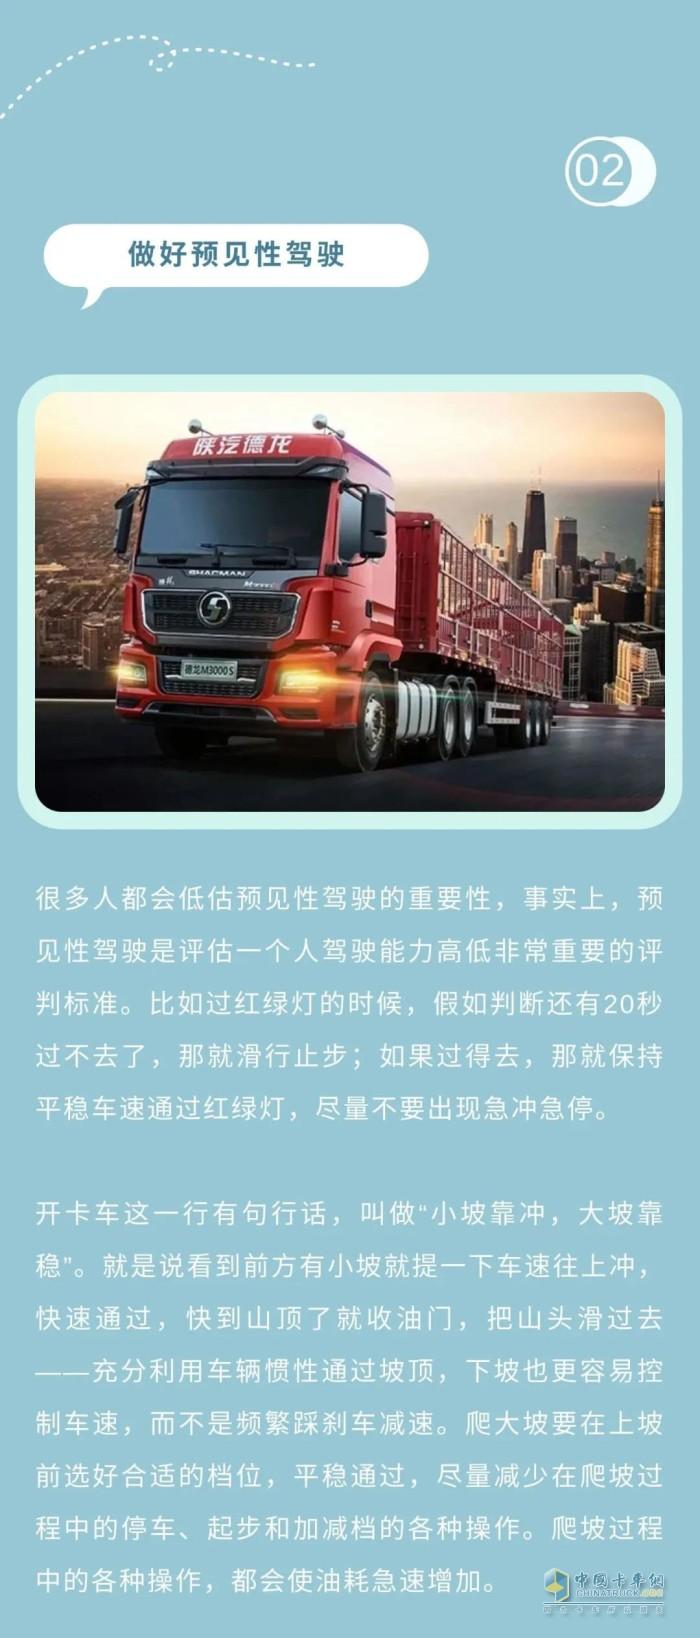 陕汽重卡 车辆运营 节油技巧